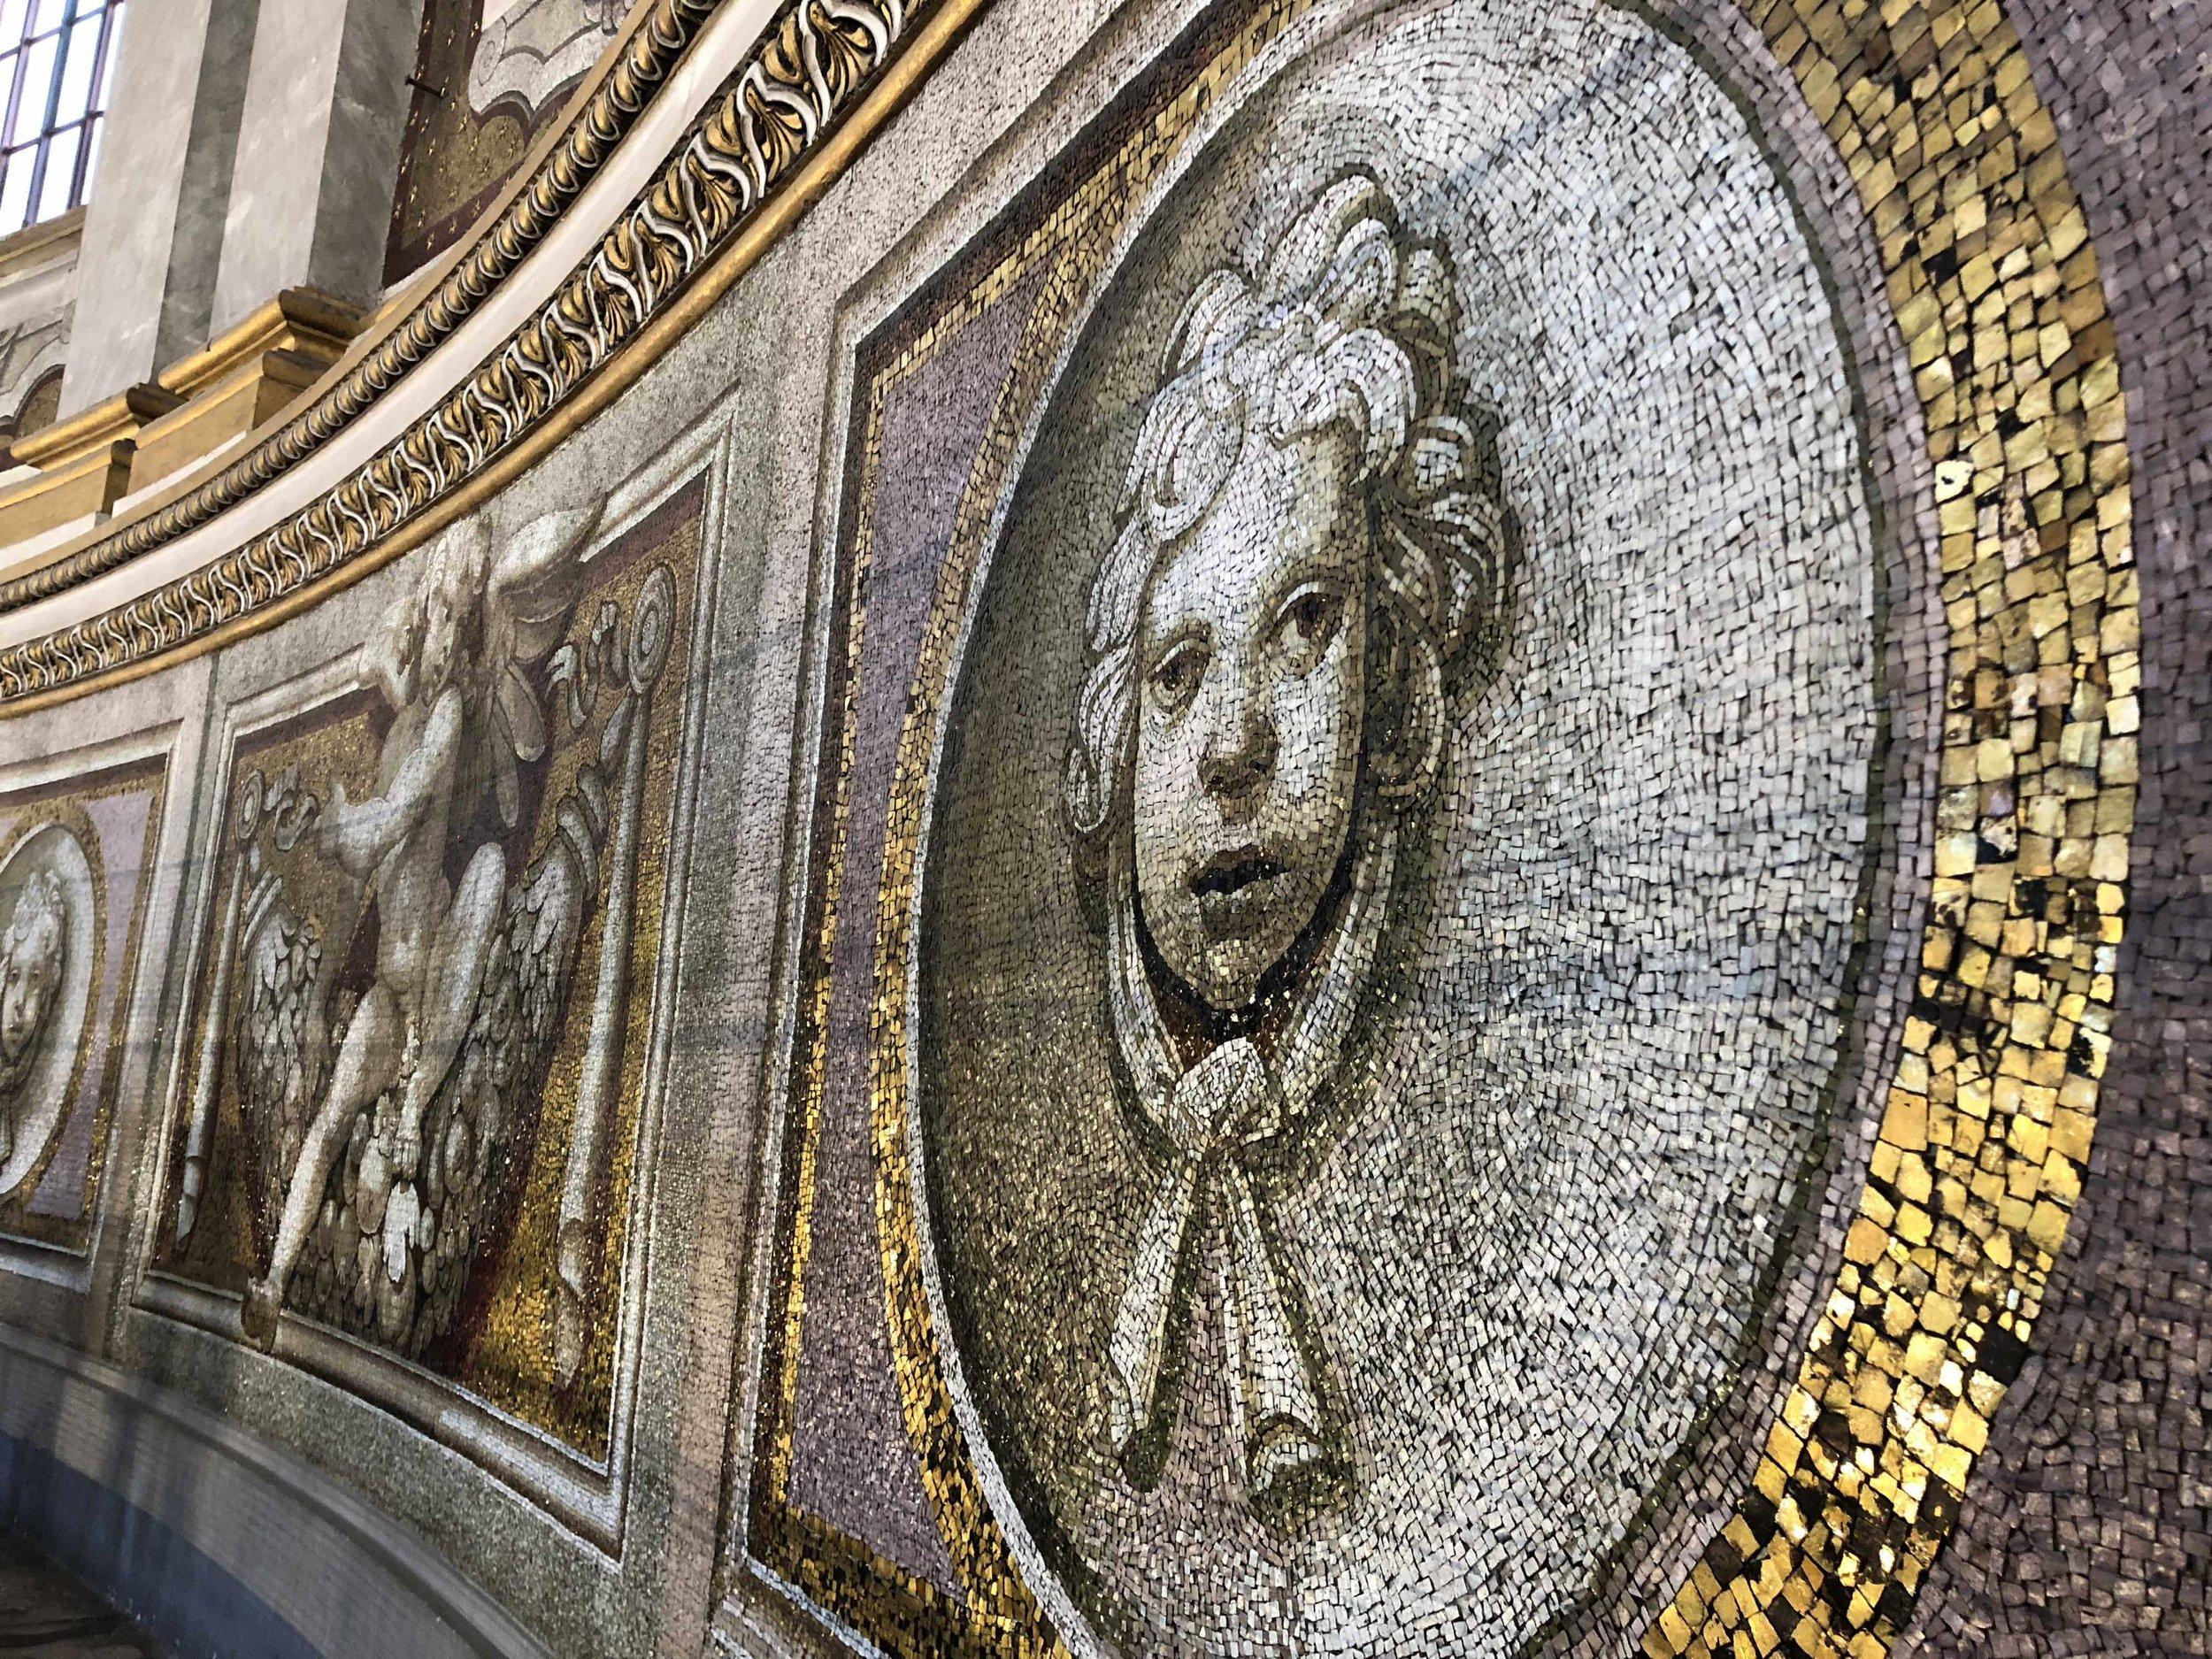 Full of Mosaics